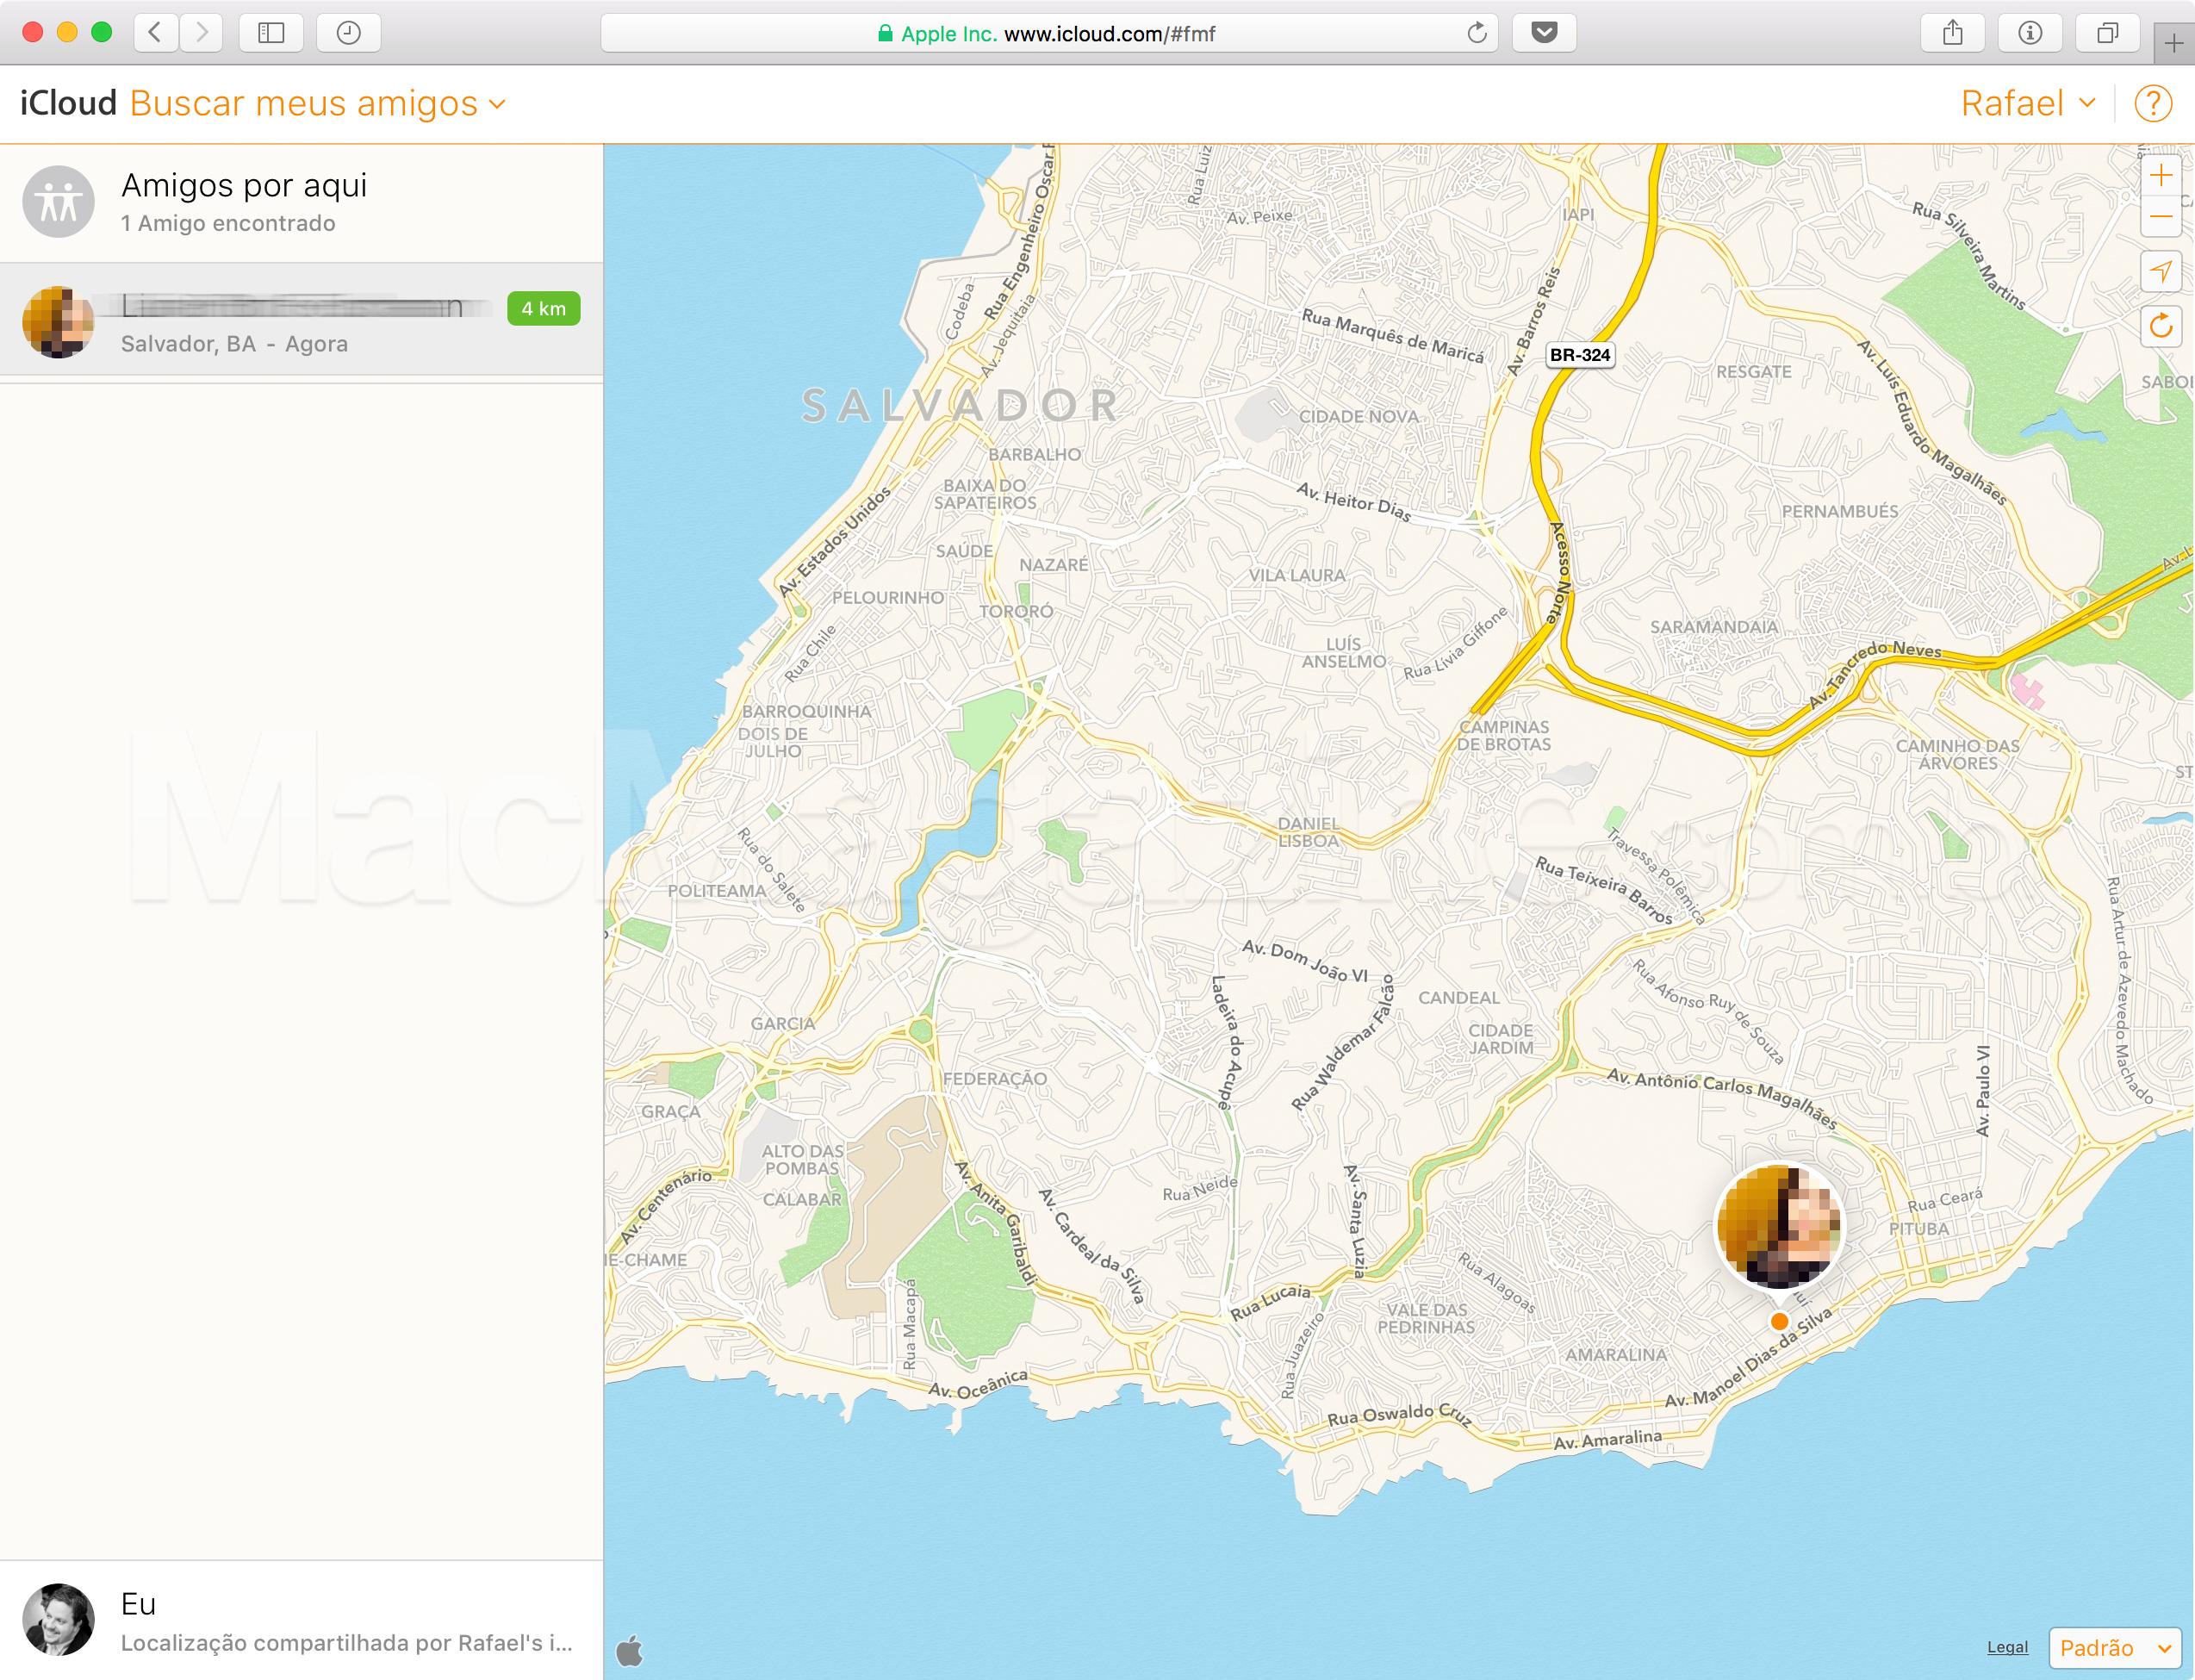 Buscar Meus Amigos no iCloud.com